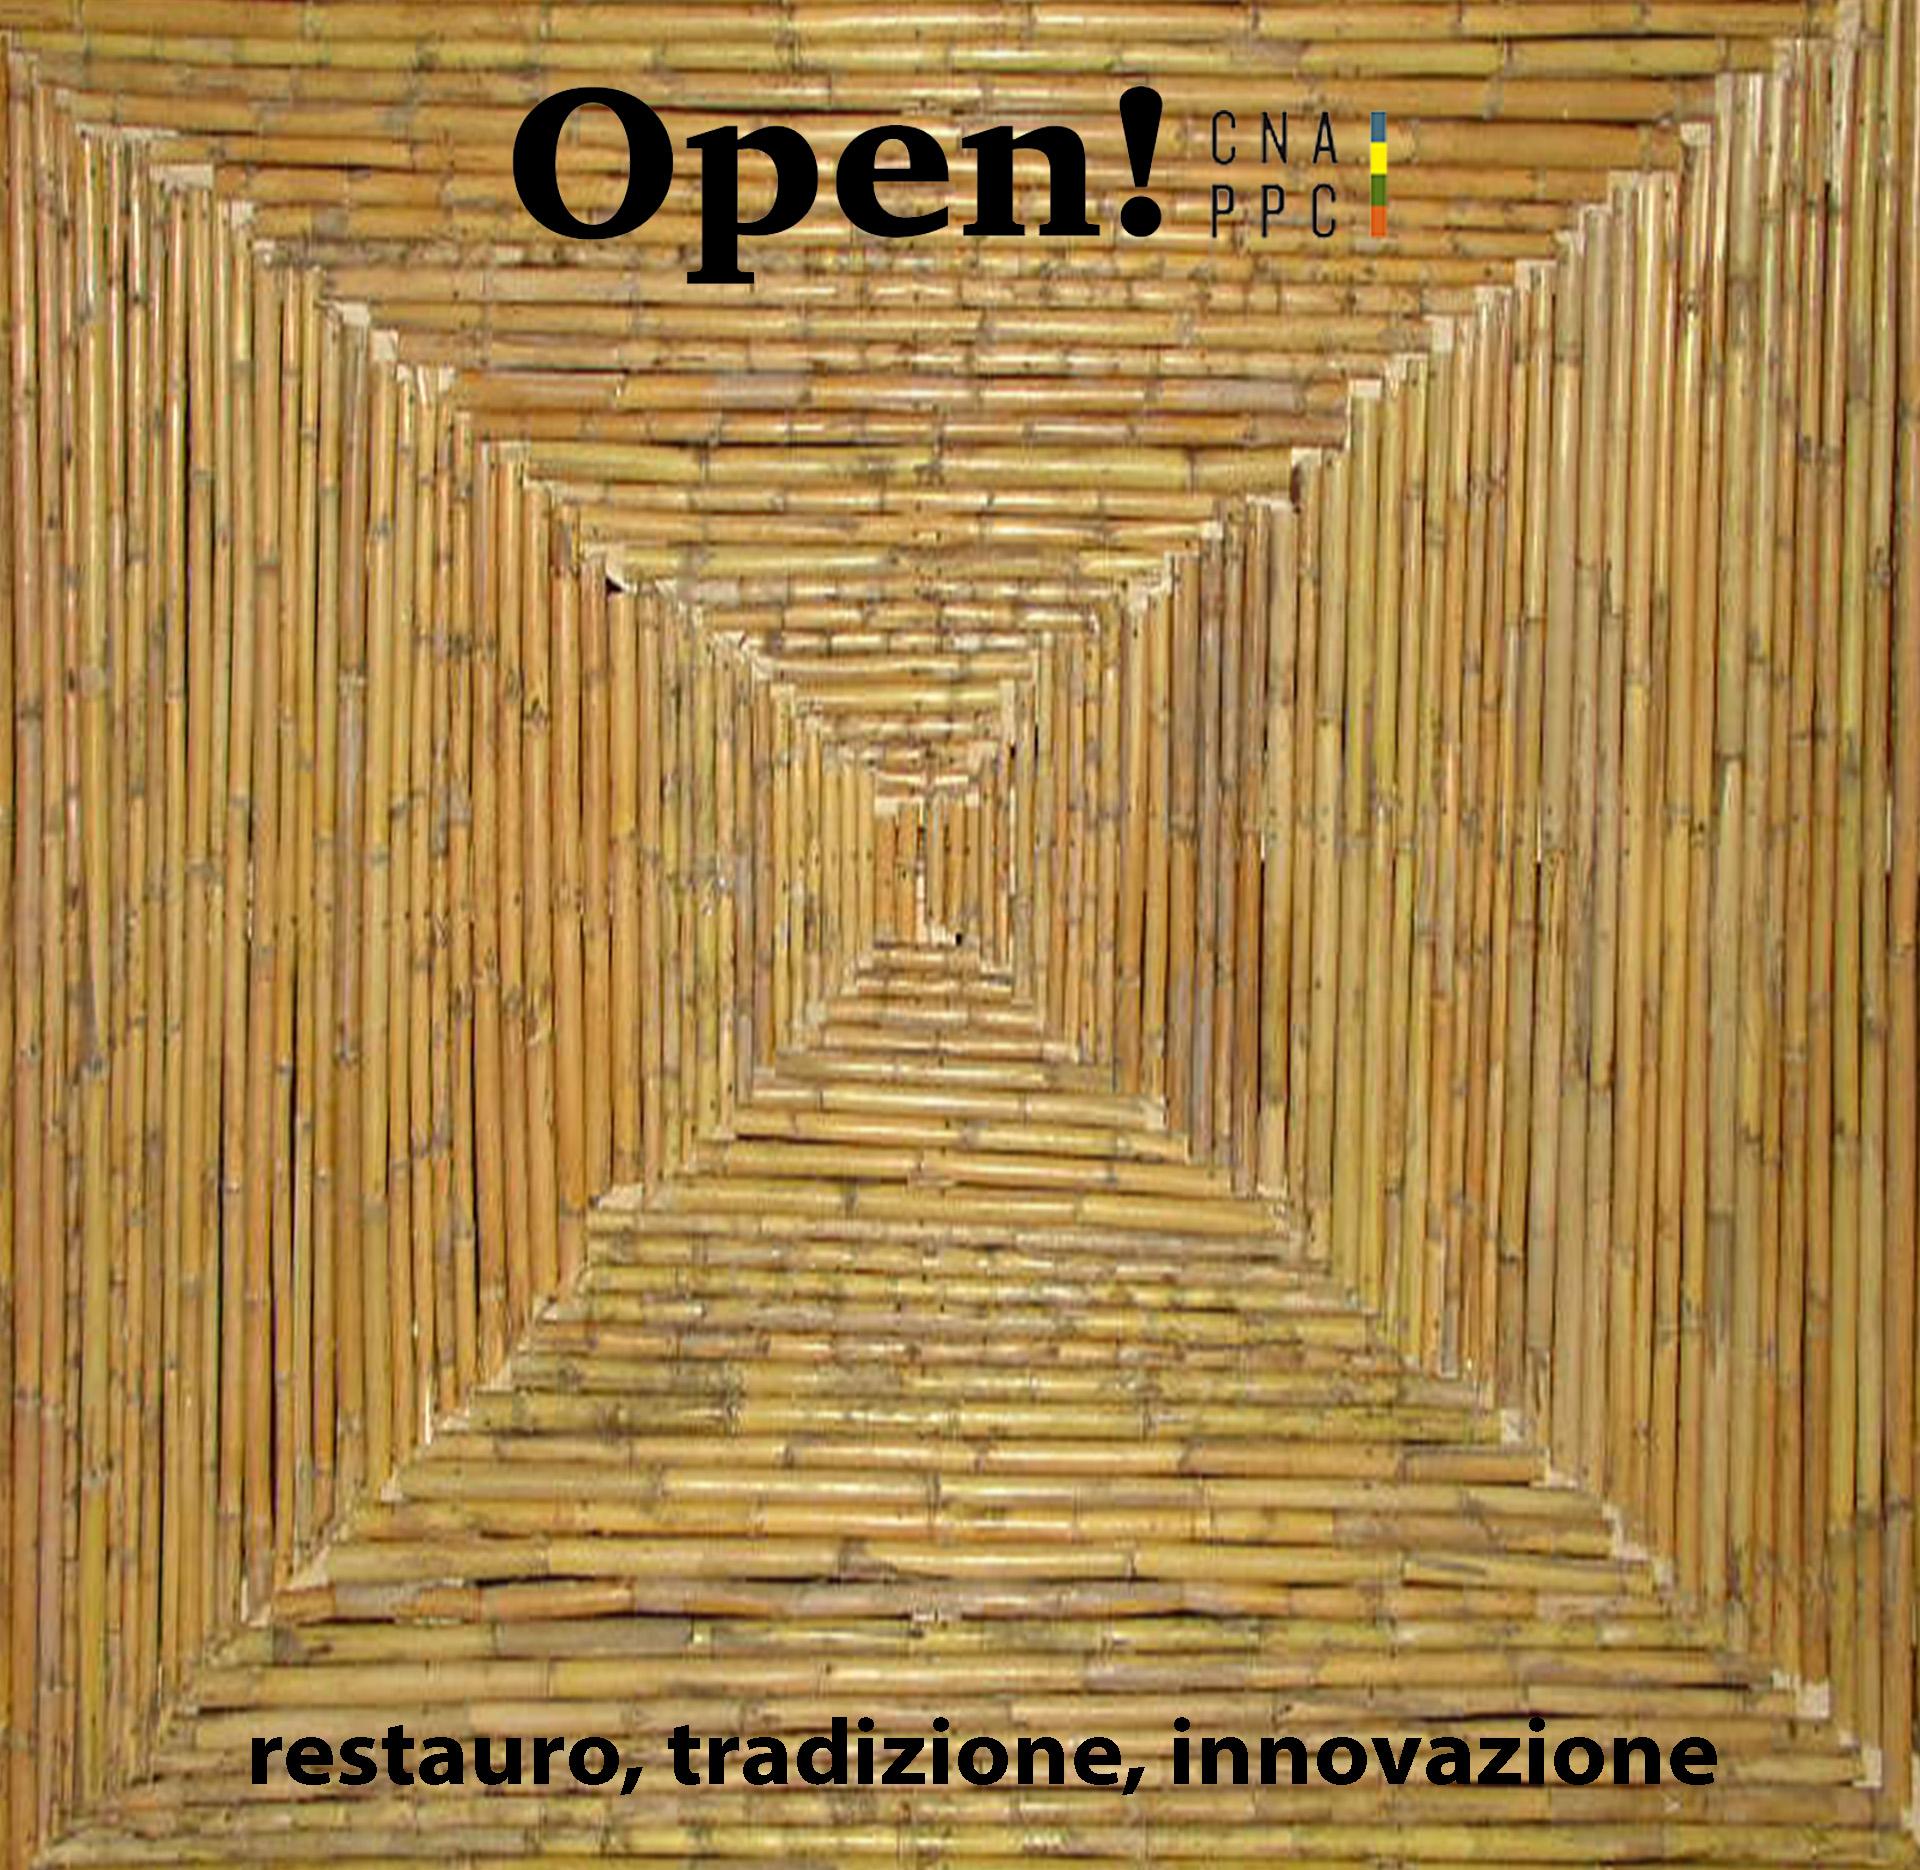 Restauro, tradizione, innovazione